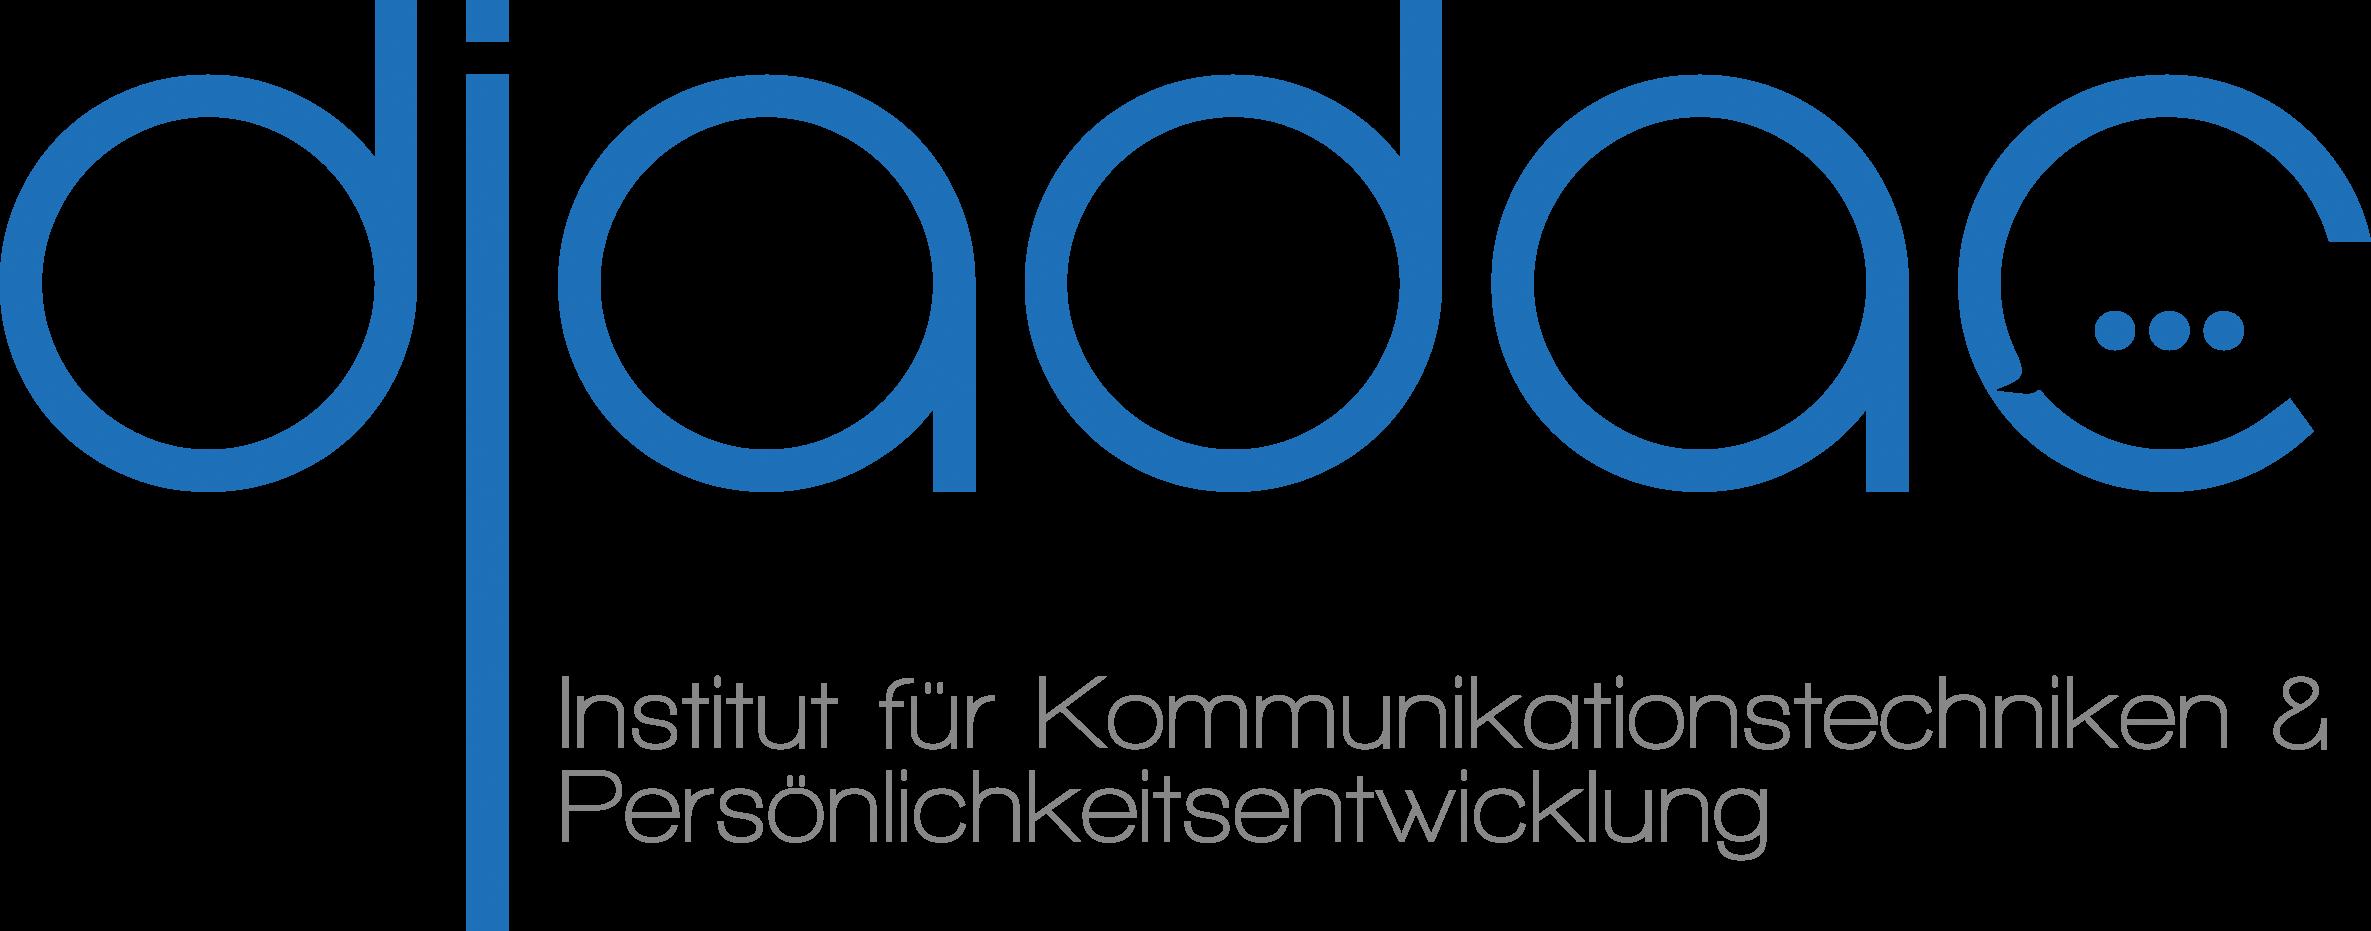 Coaching / Persönlichkeitsentwicklung – diadac